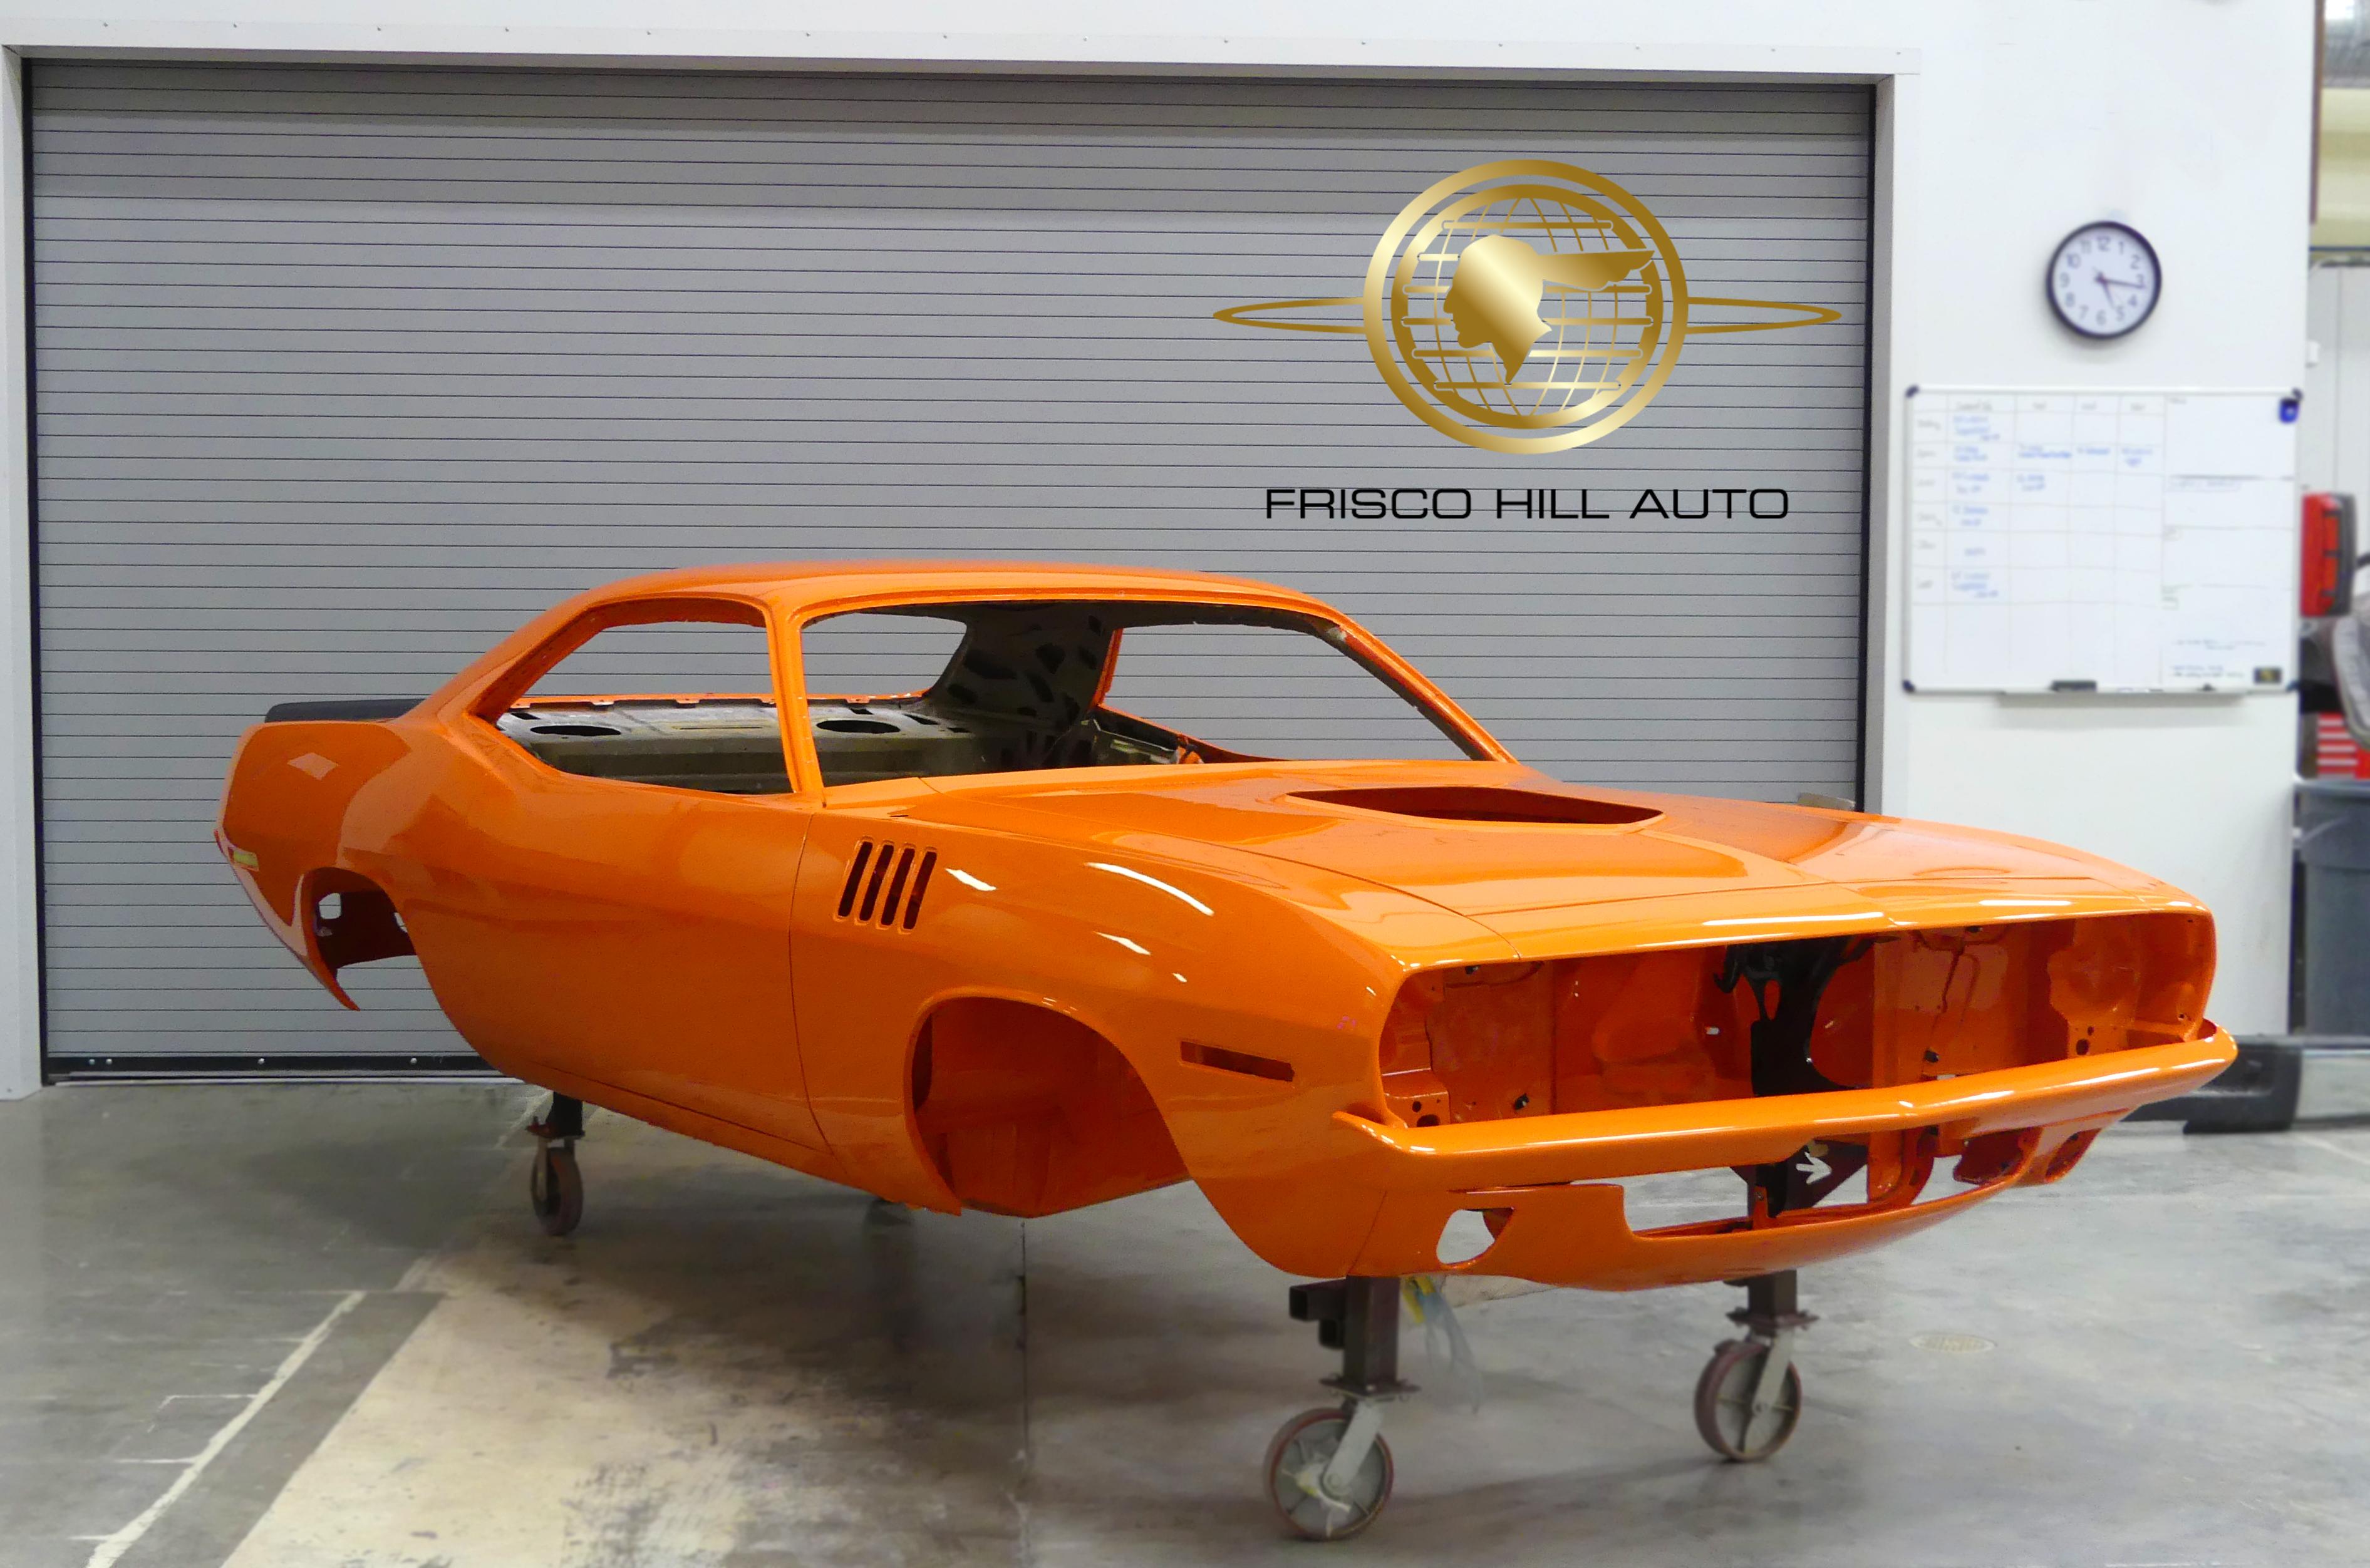 Frisco Hill Auto St Louis Missouri Classic Car Restoration Shop